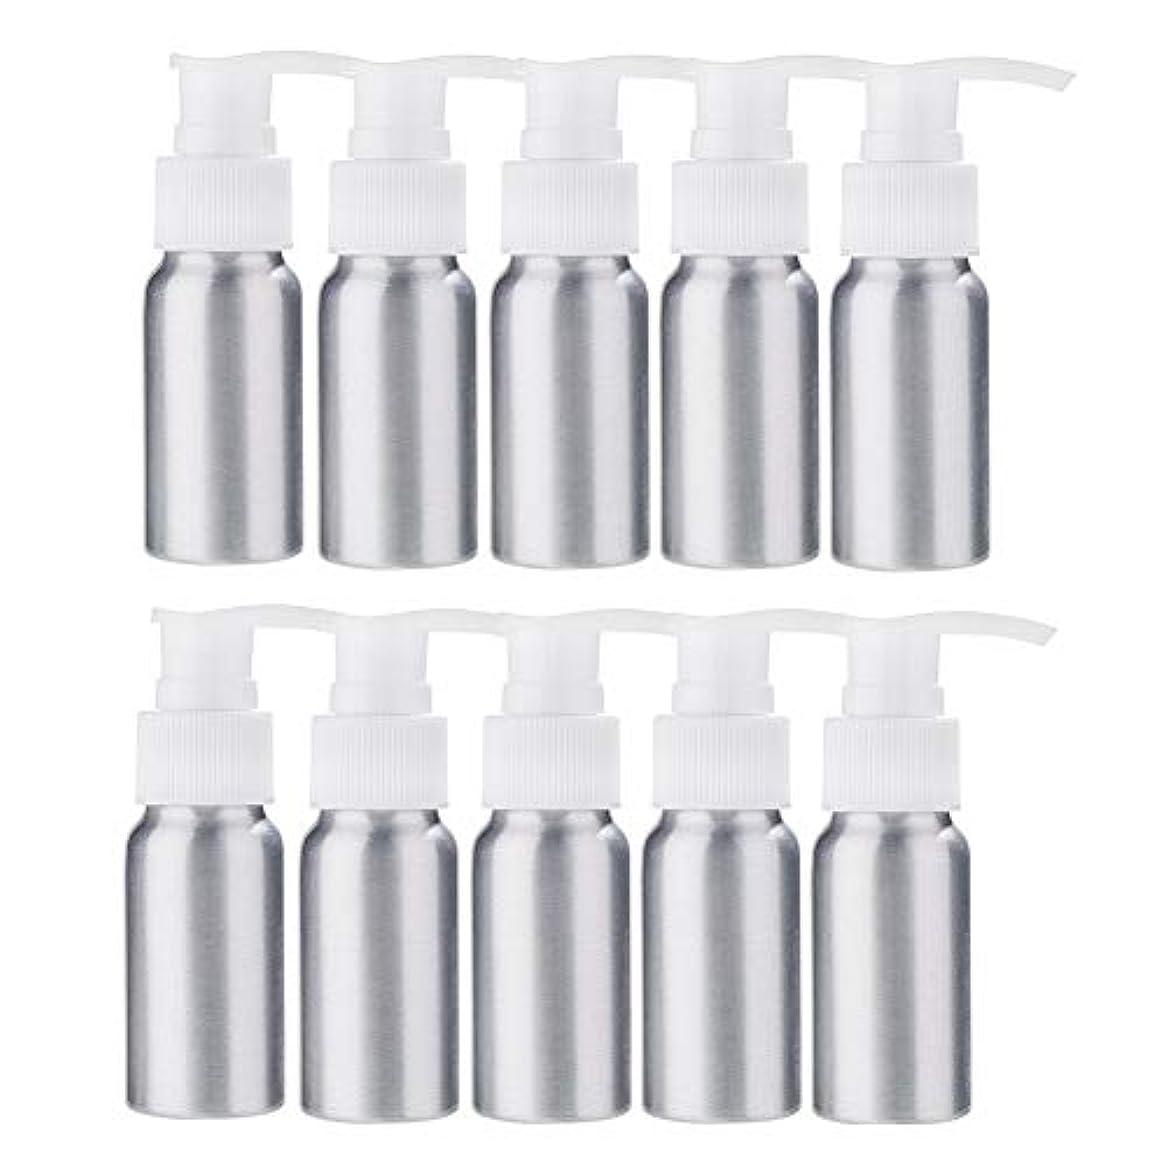 シェトランド諸島粘性のリーズBENECREAT 10個セット30mlポンプアルミボトル 空ボトル 防錆 軽量 化粧品 クリーム 小分け 詰め替え 白いポンプ